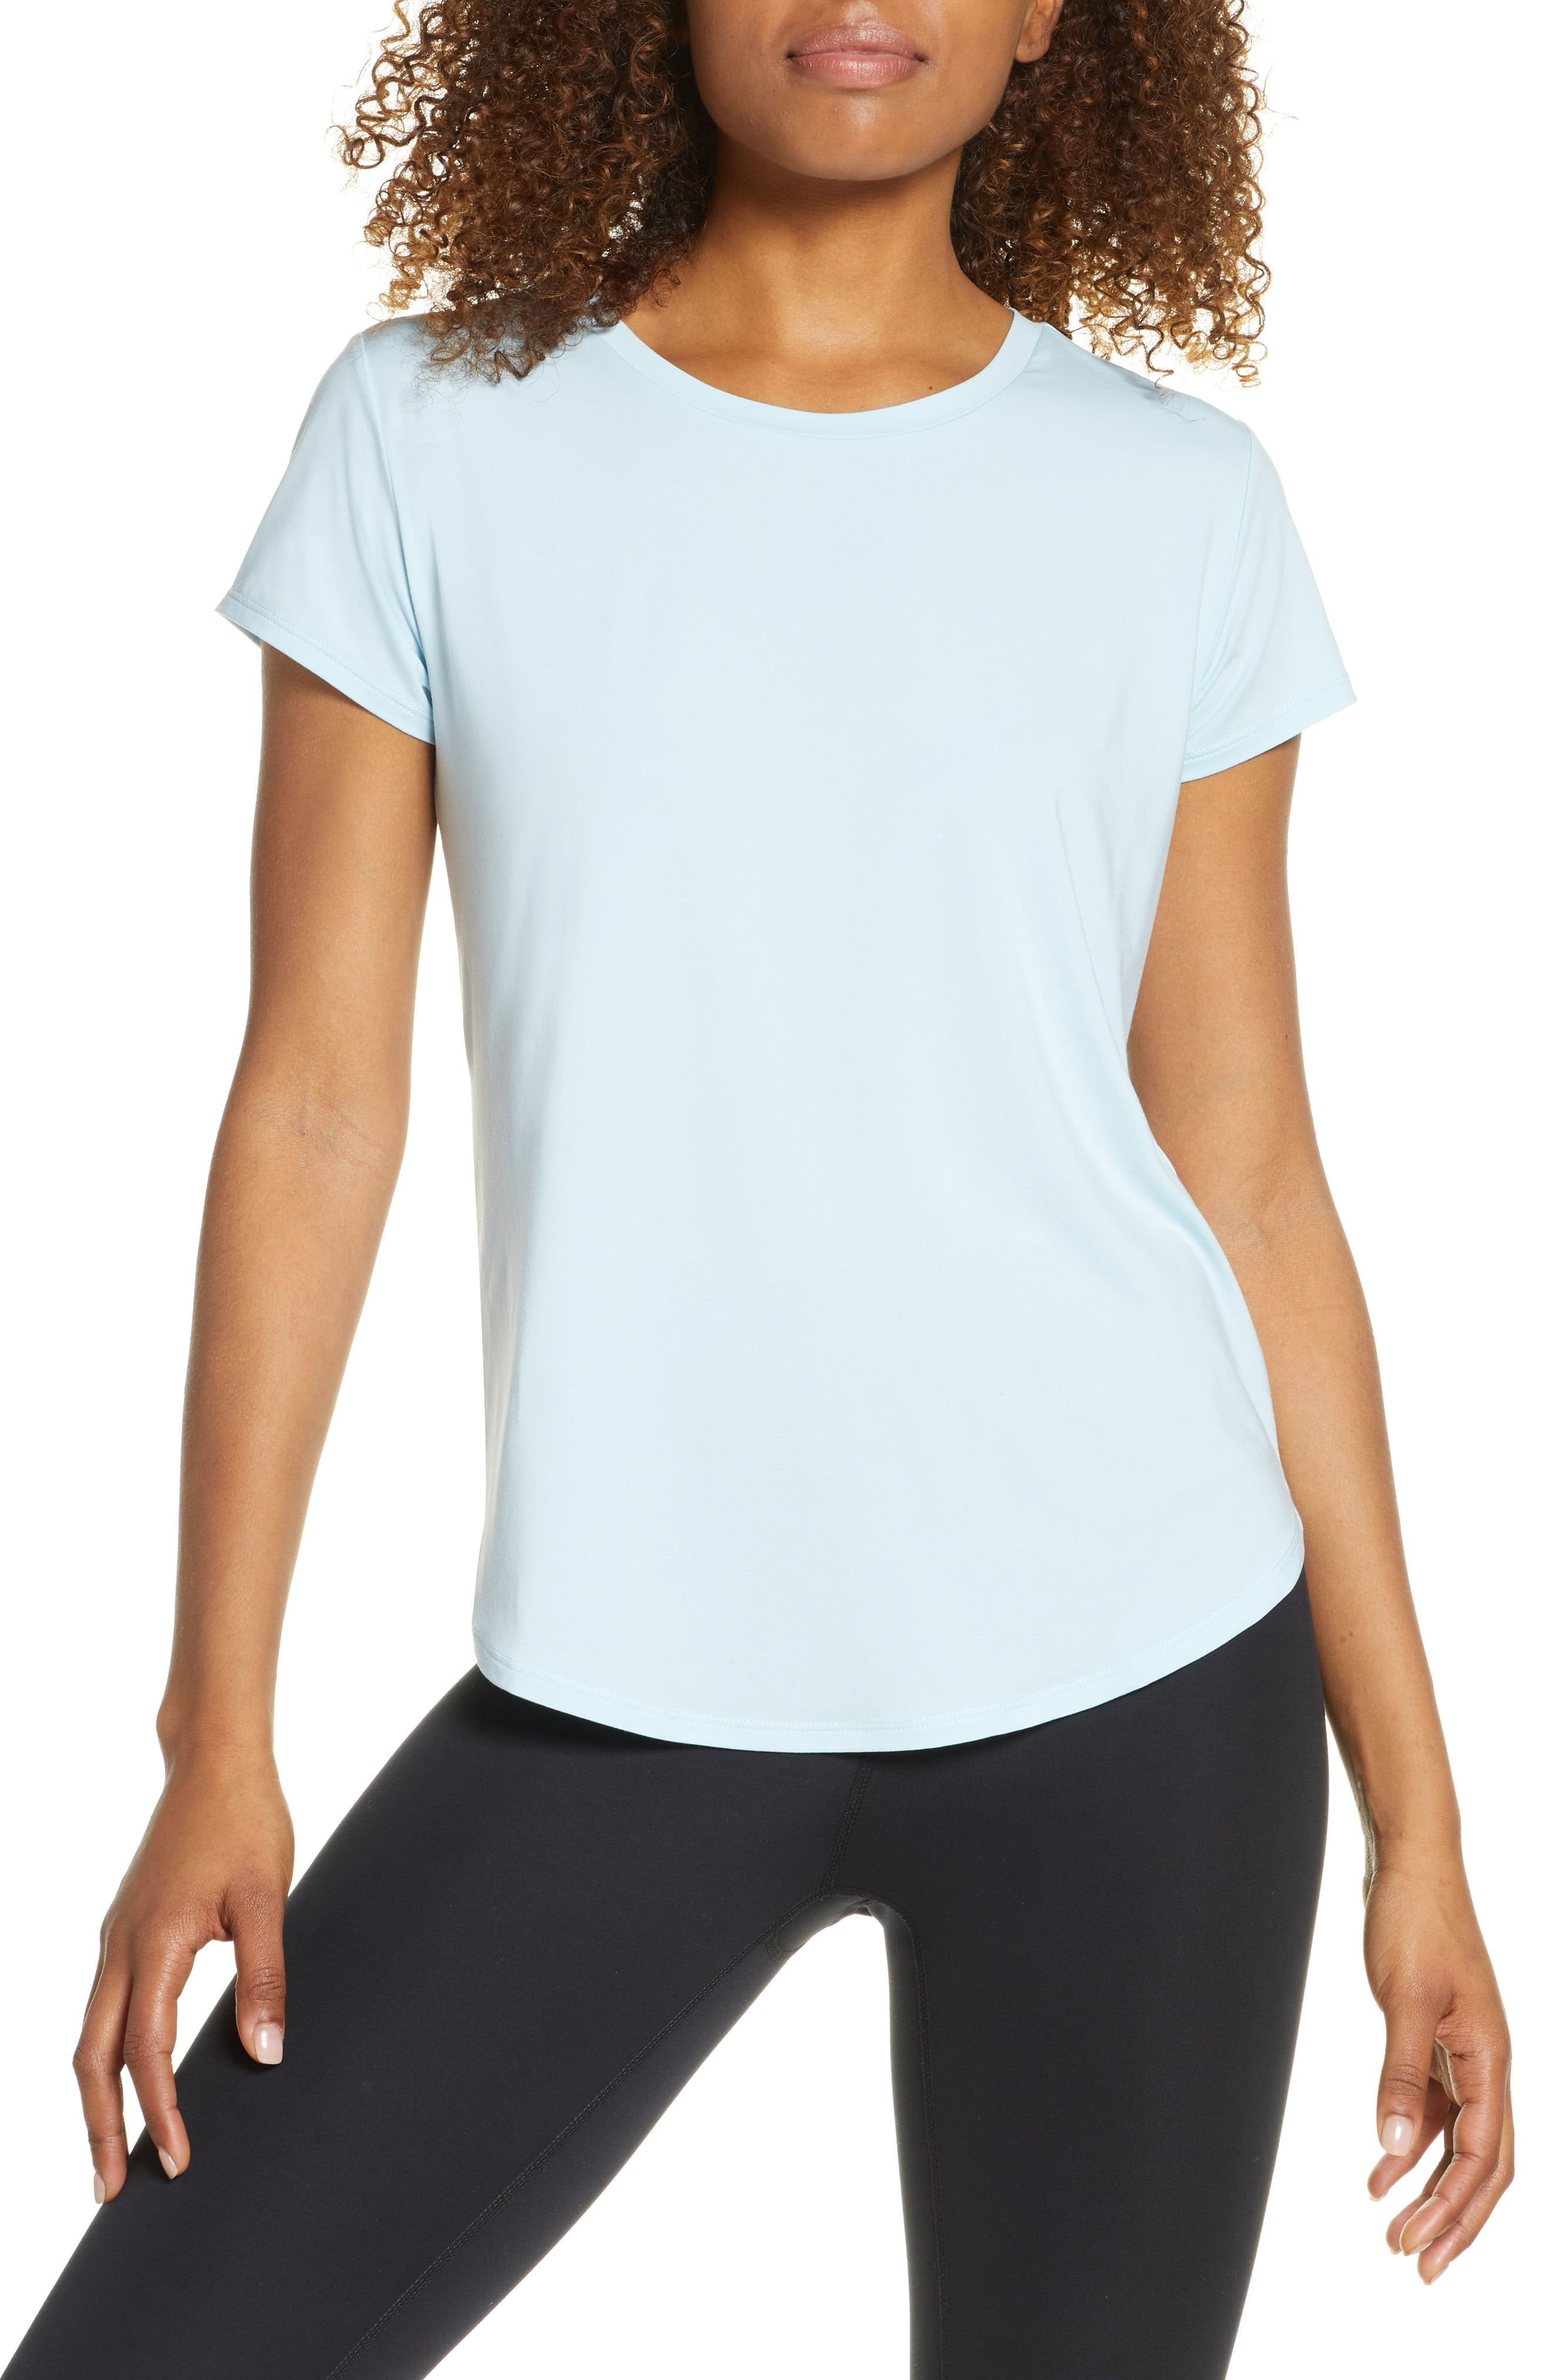 Girls are Stronger Oversize T-Shirt Fitness Rag Top Locker Sport Gym Training